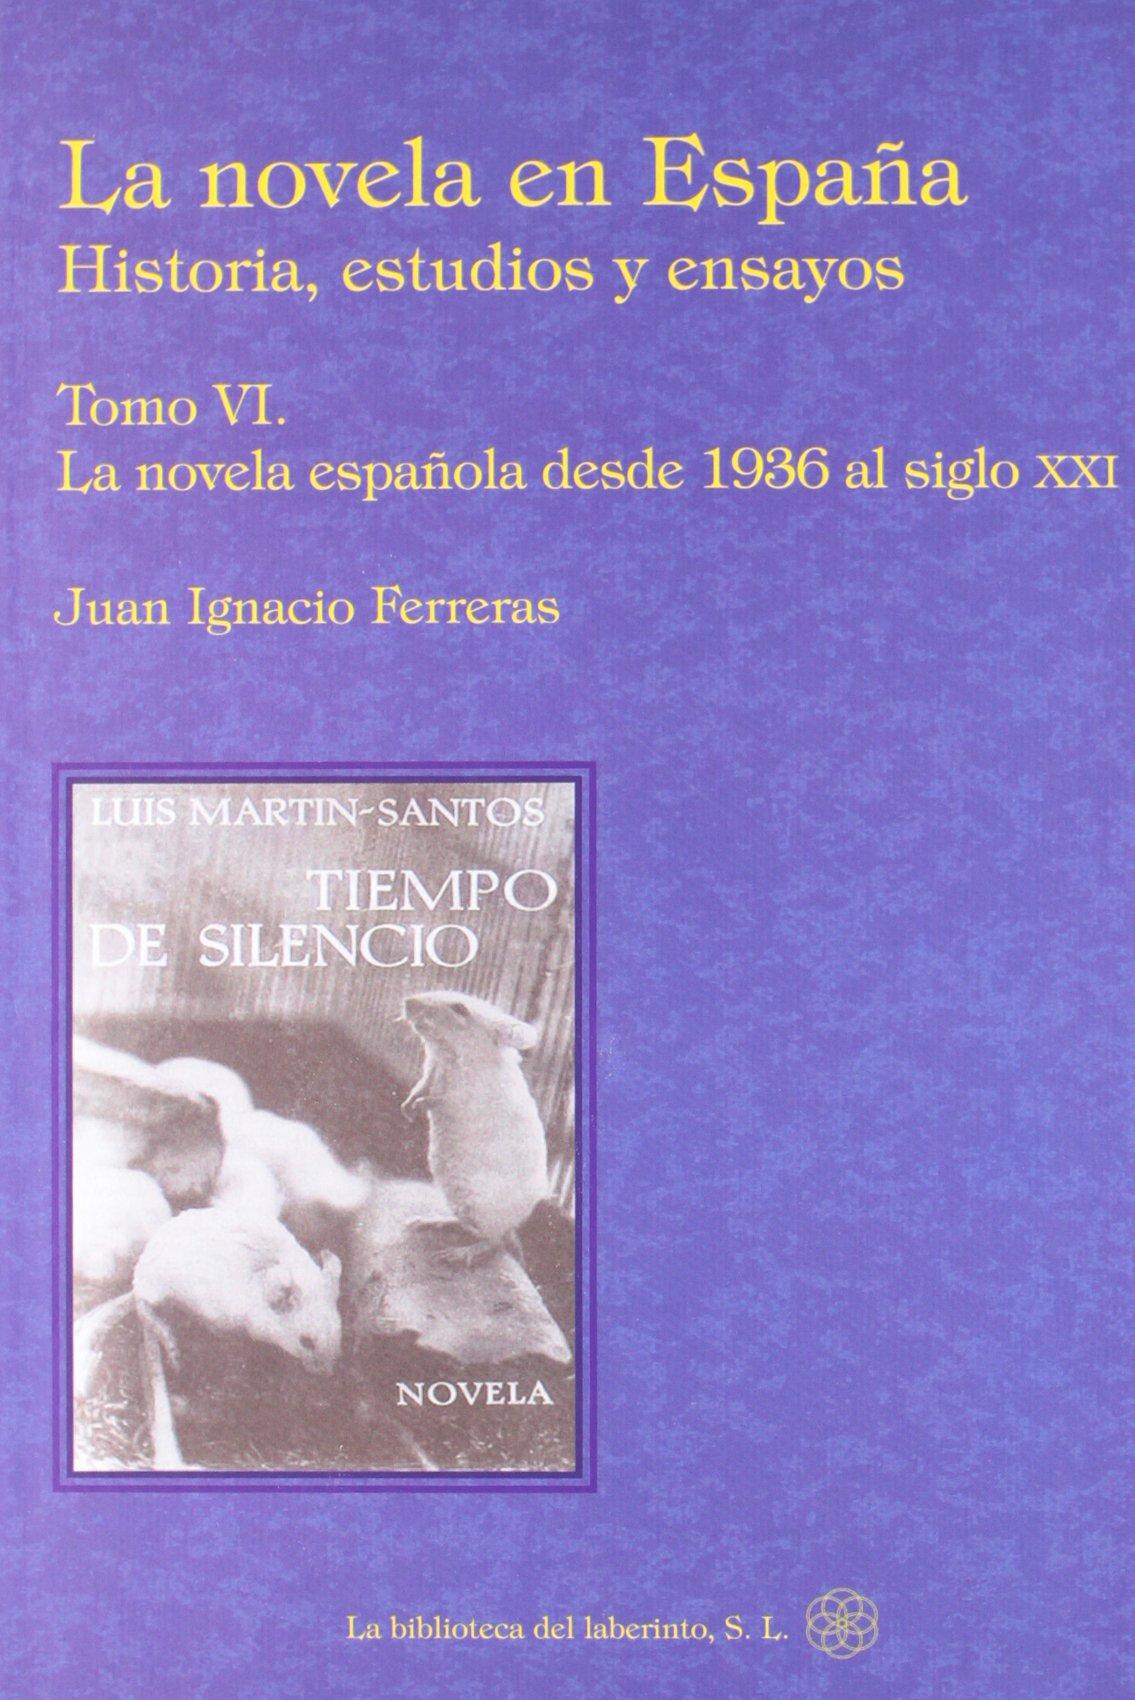 Novela en España, la VI - historia, estudios y ensayos: Amazon.es: Juan Ignacio Ferreras: Libros